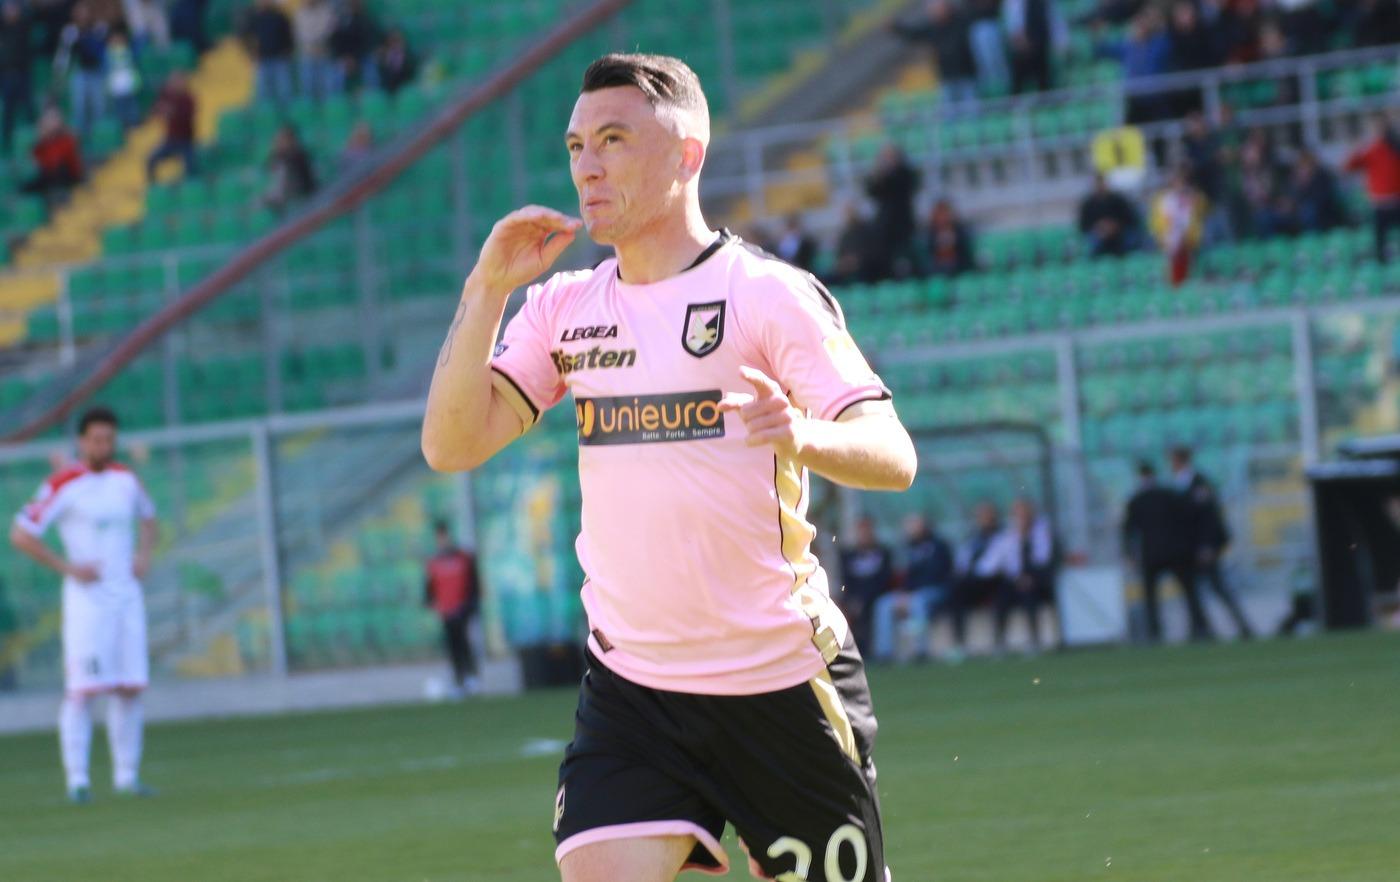 Serie B, Palermo-Spezia 1 maggio: lunch match al Renzo Barbera